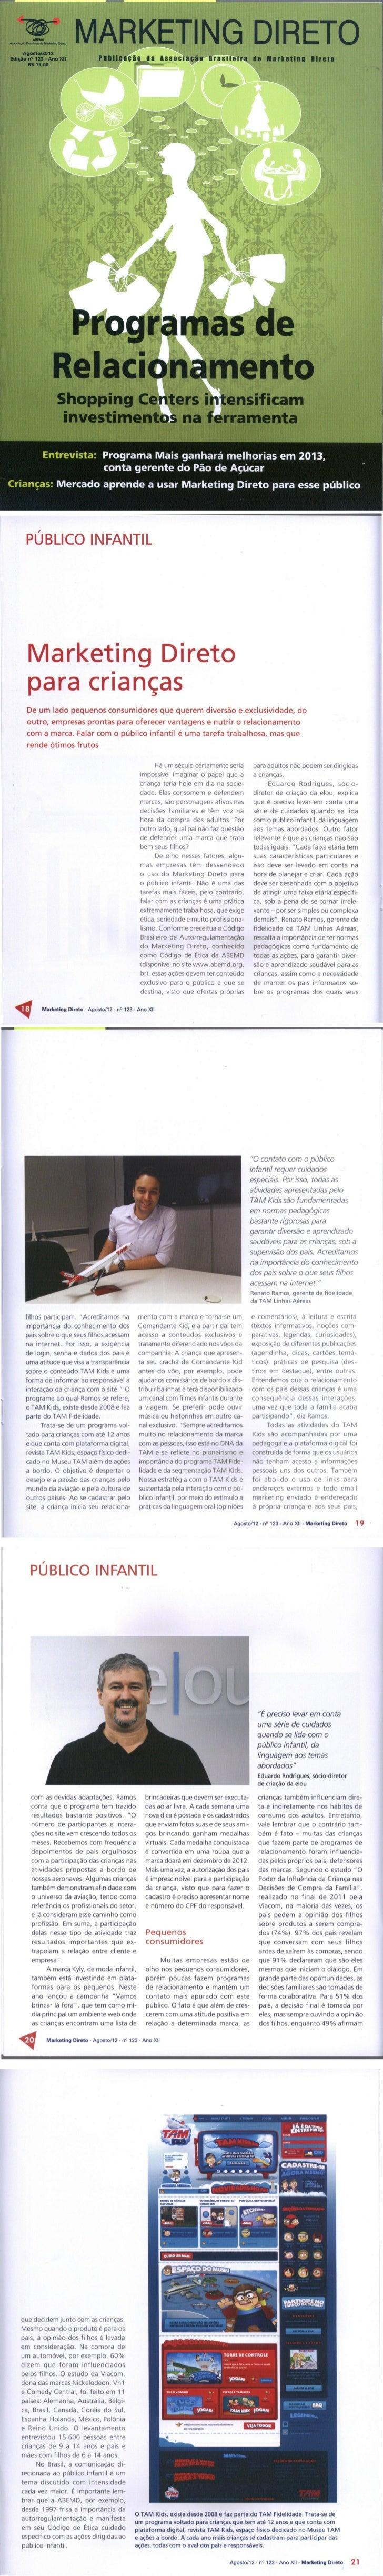 Marketing direto para o público infantil - Revista Marketing Direto (ABEMD) nº 123